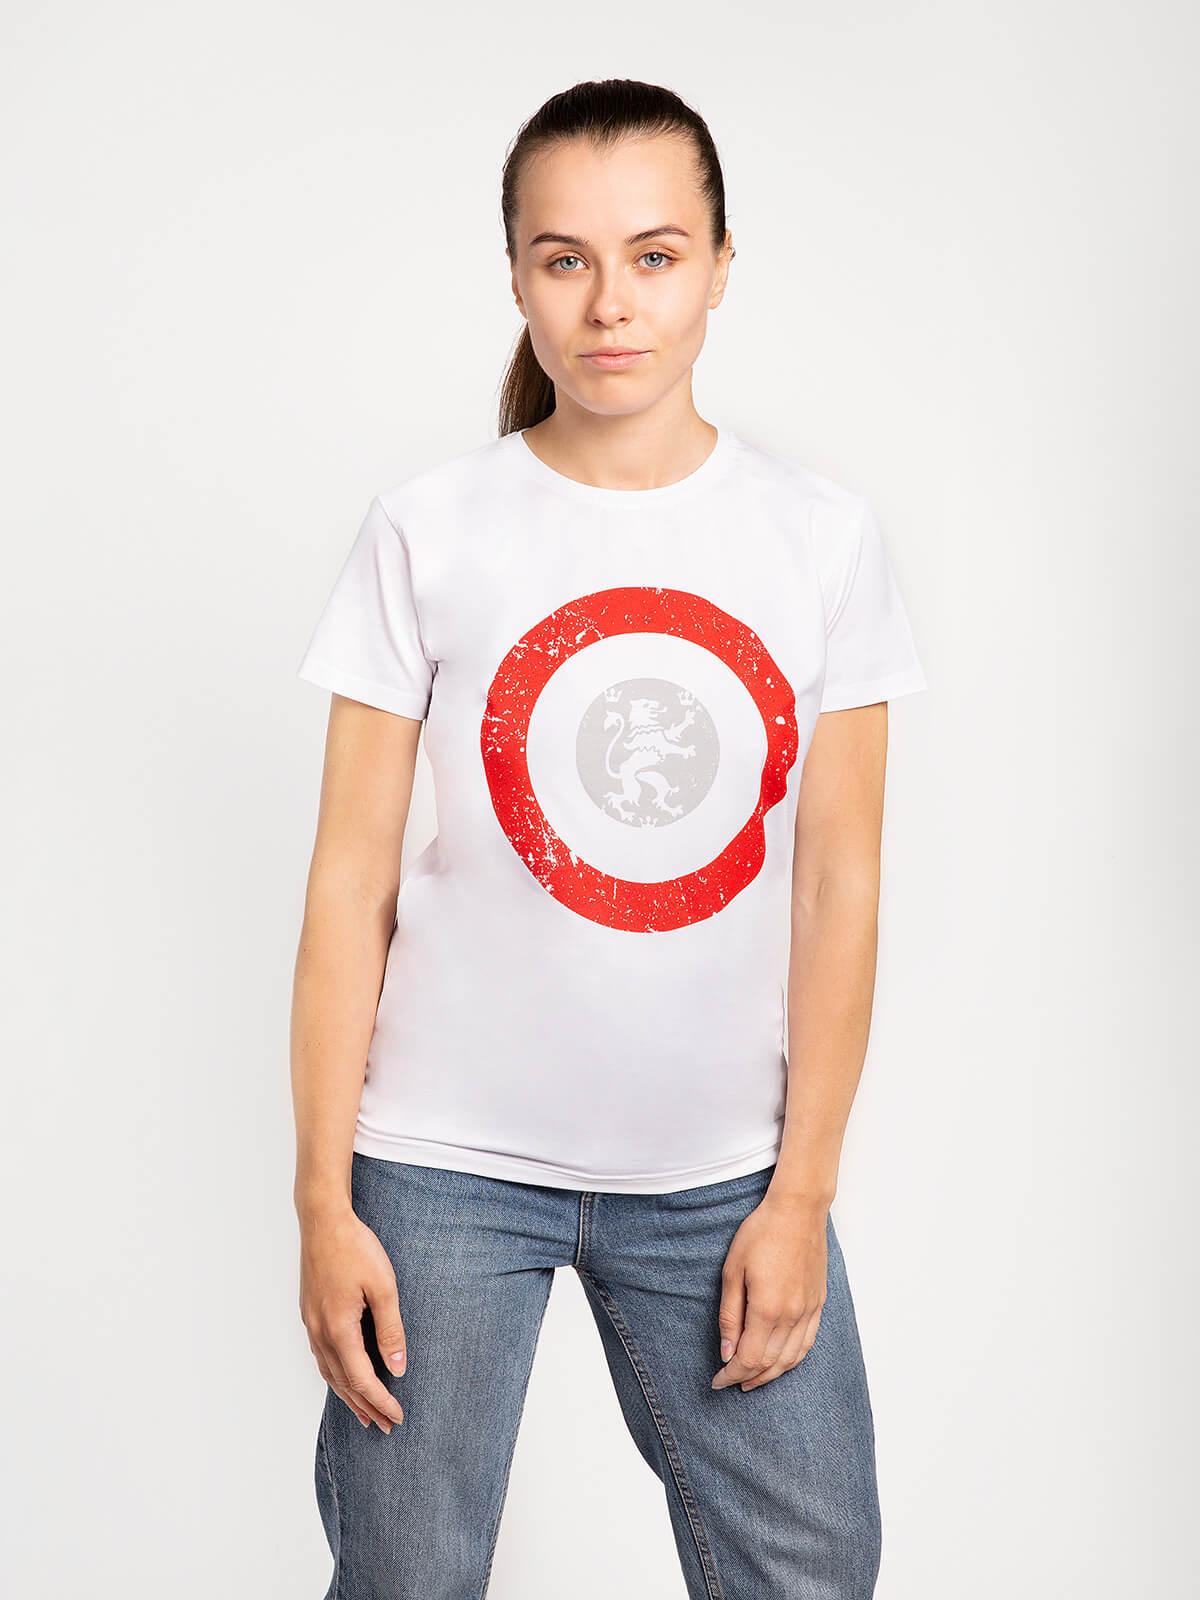 Women's T-Shirt Lion (Roundel). Color white. Material: 95% cotton, 5% spandex.